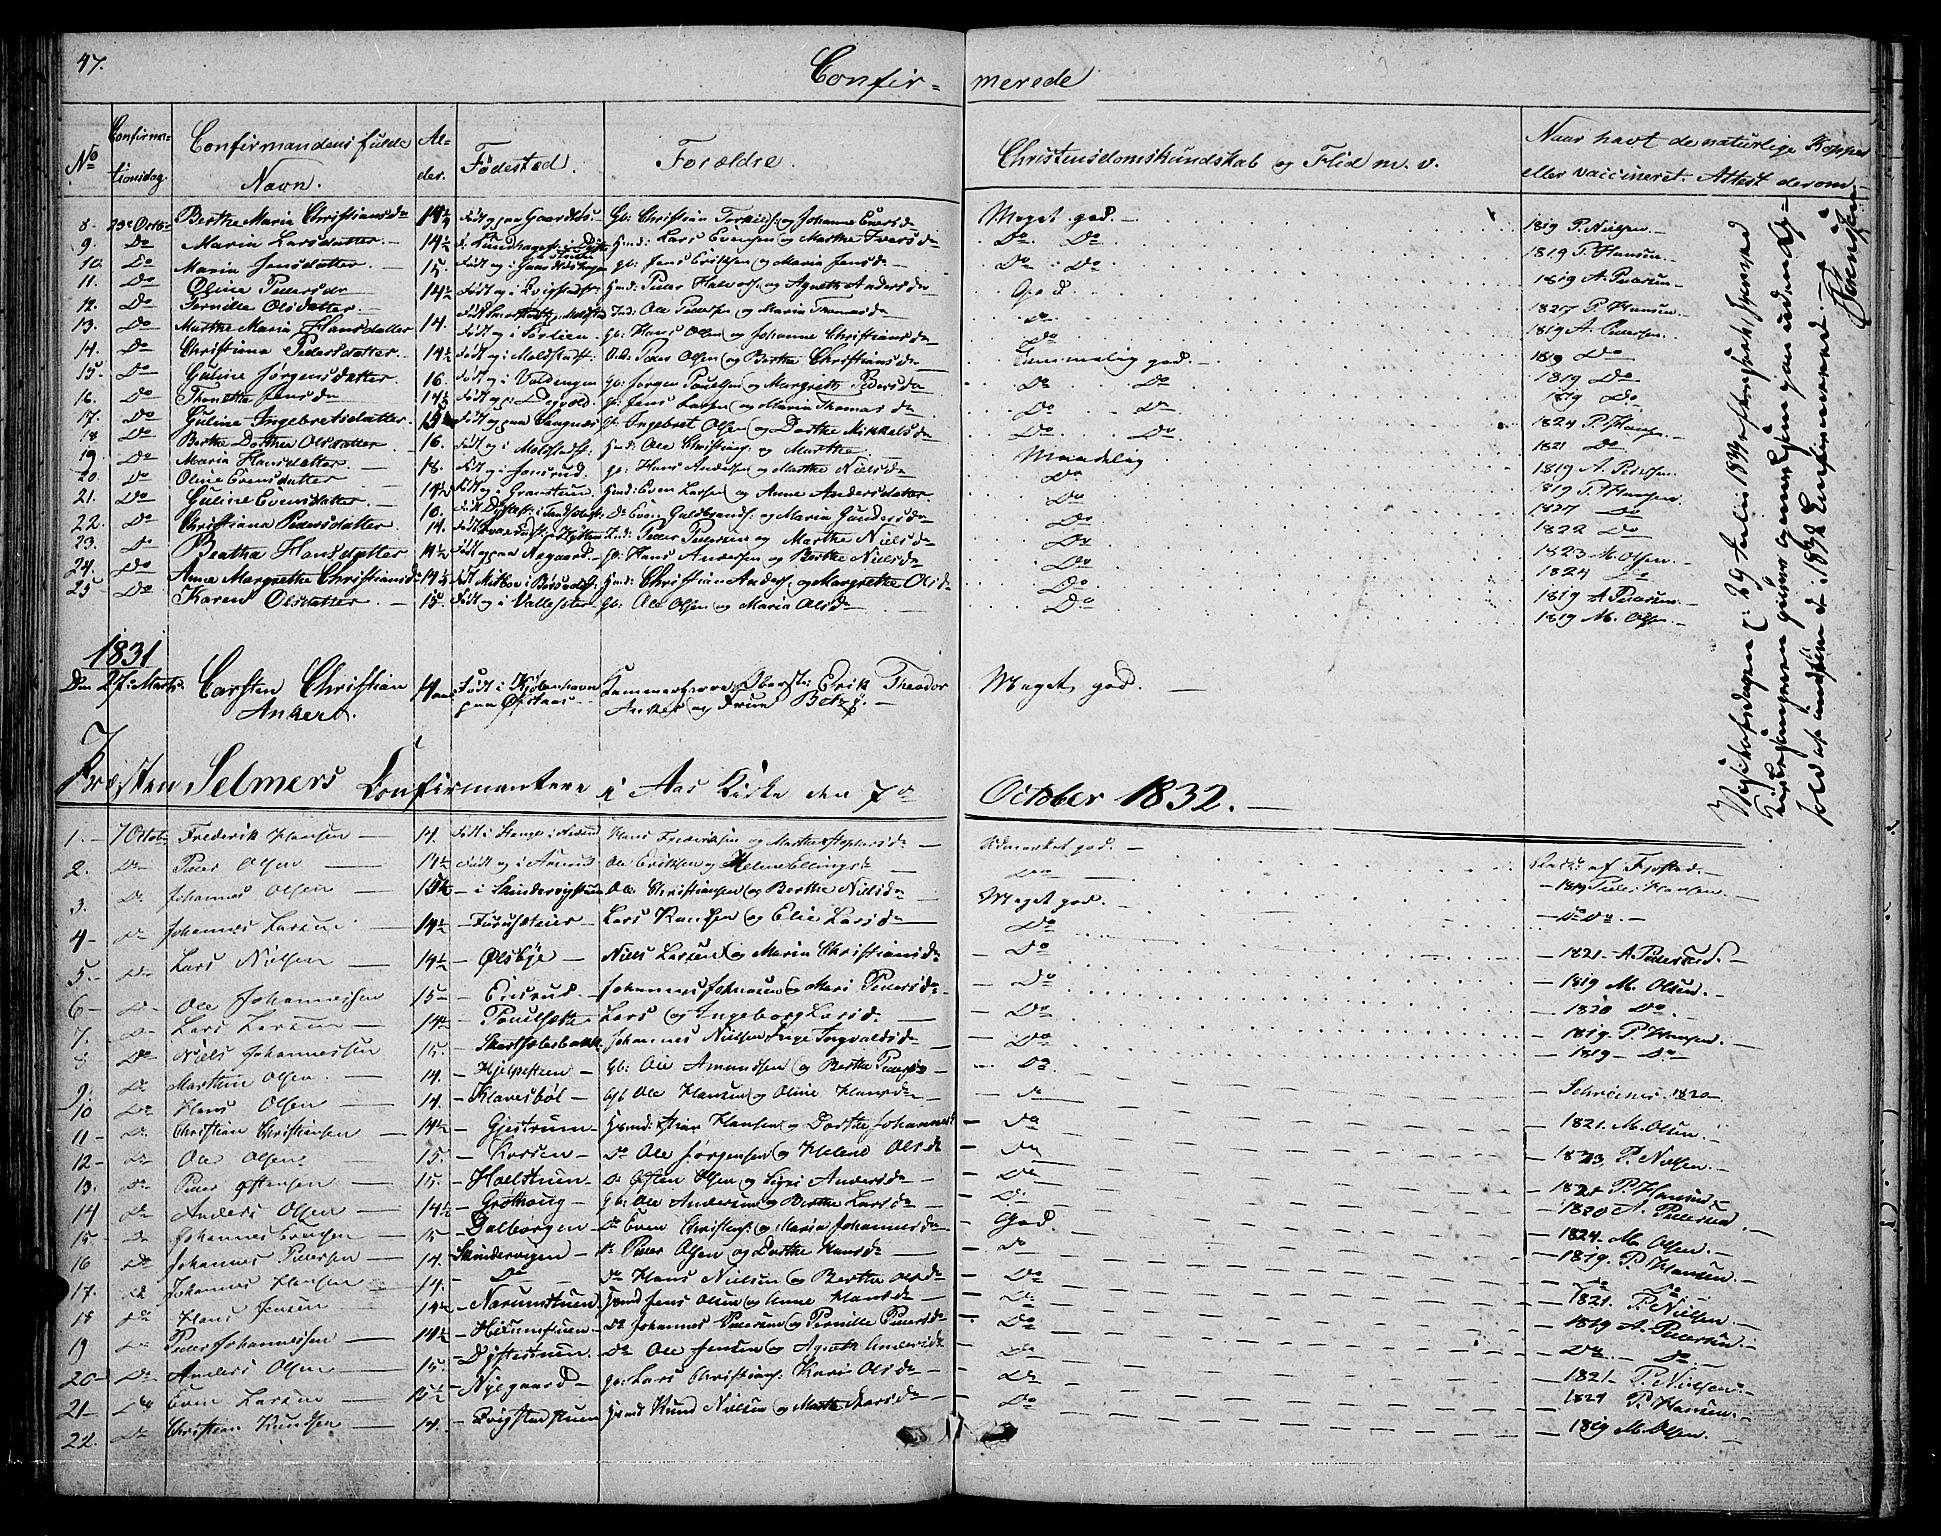 SAH, Vestre Toten prestekontor, Klokkerbok nr. 1, 1830-1836, s. 47